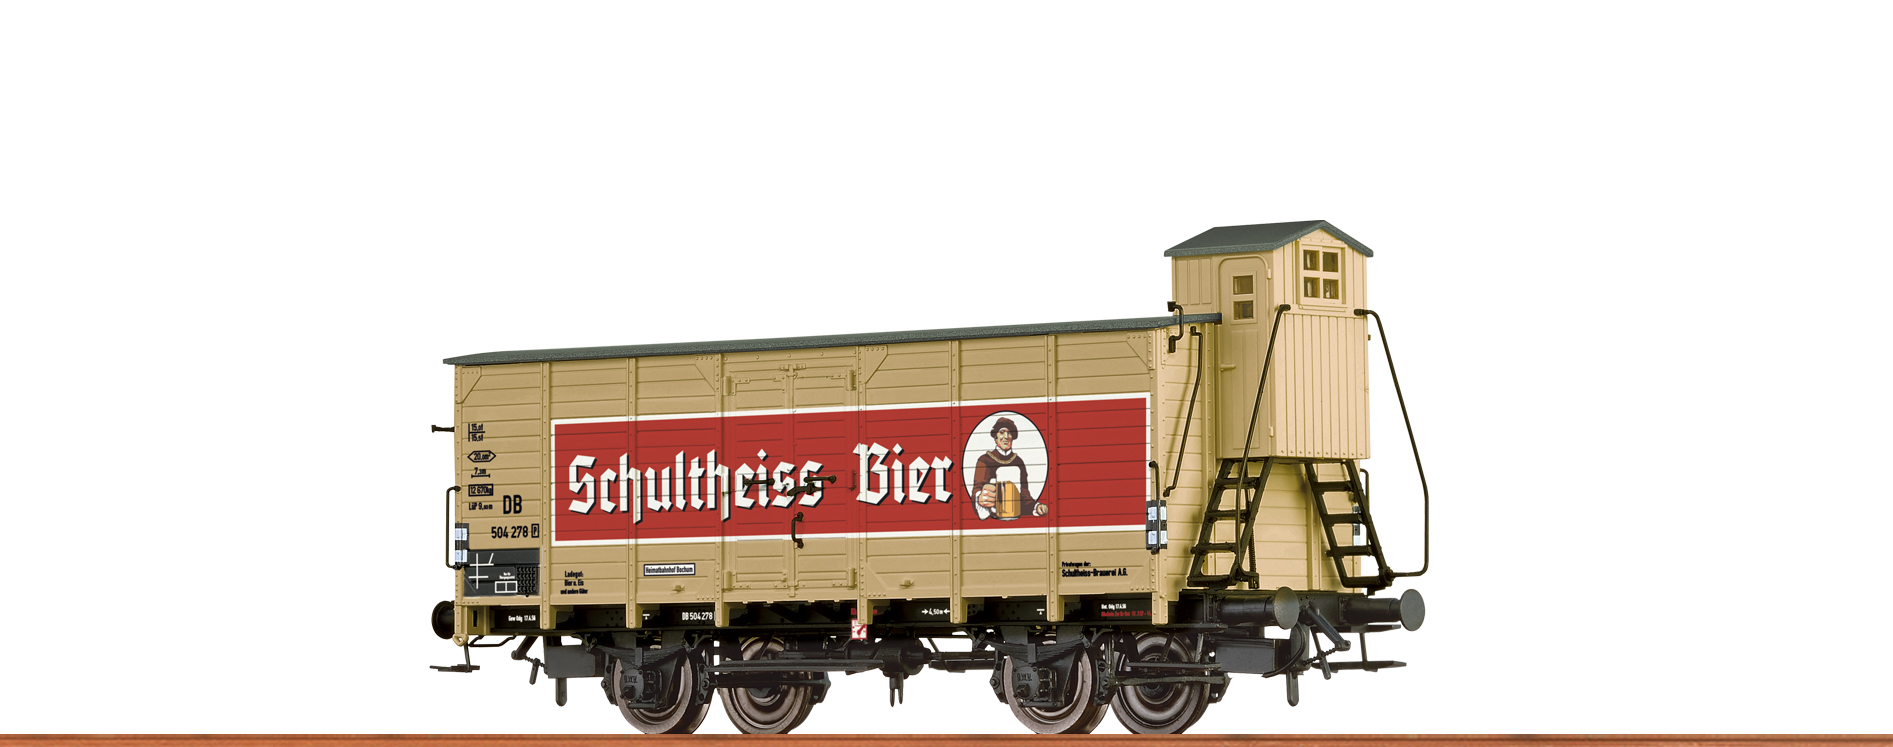 BRAWA 67474 Spur N Bierwagen G10 DB, III, Schultheiss